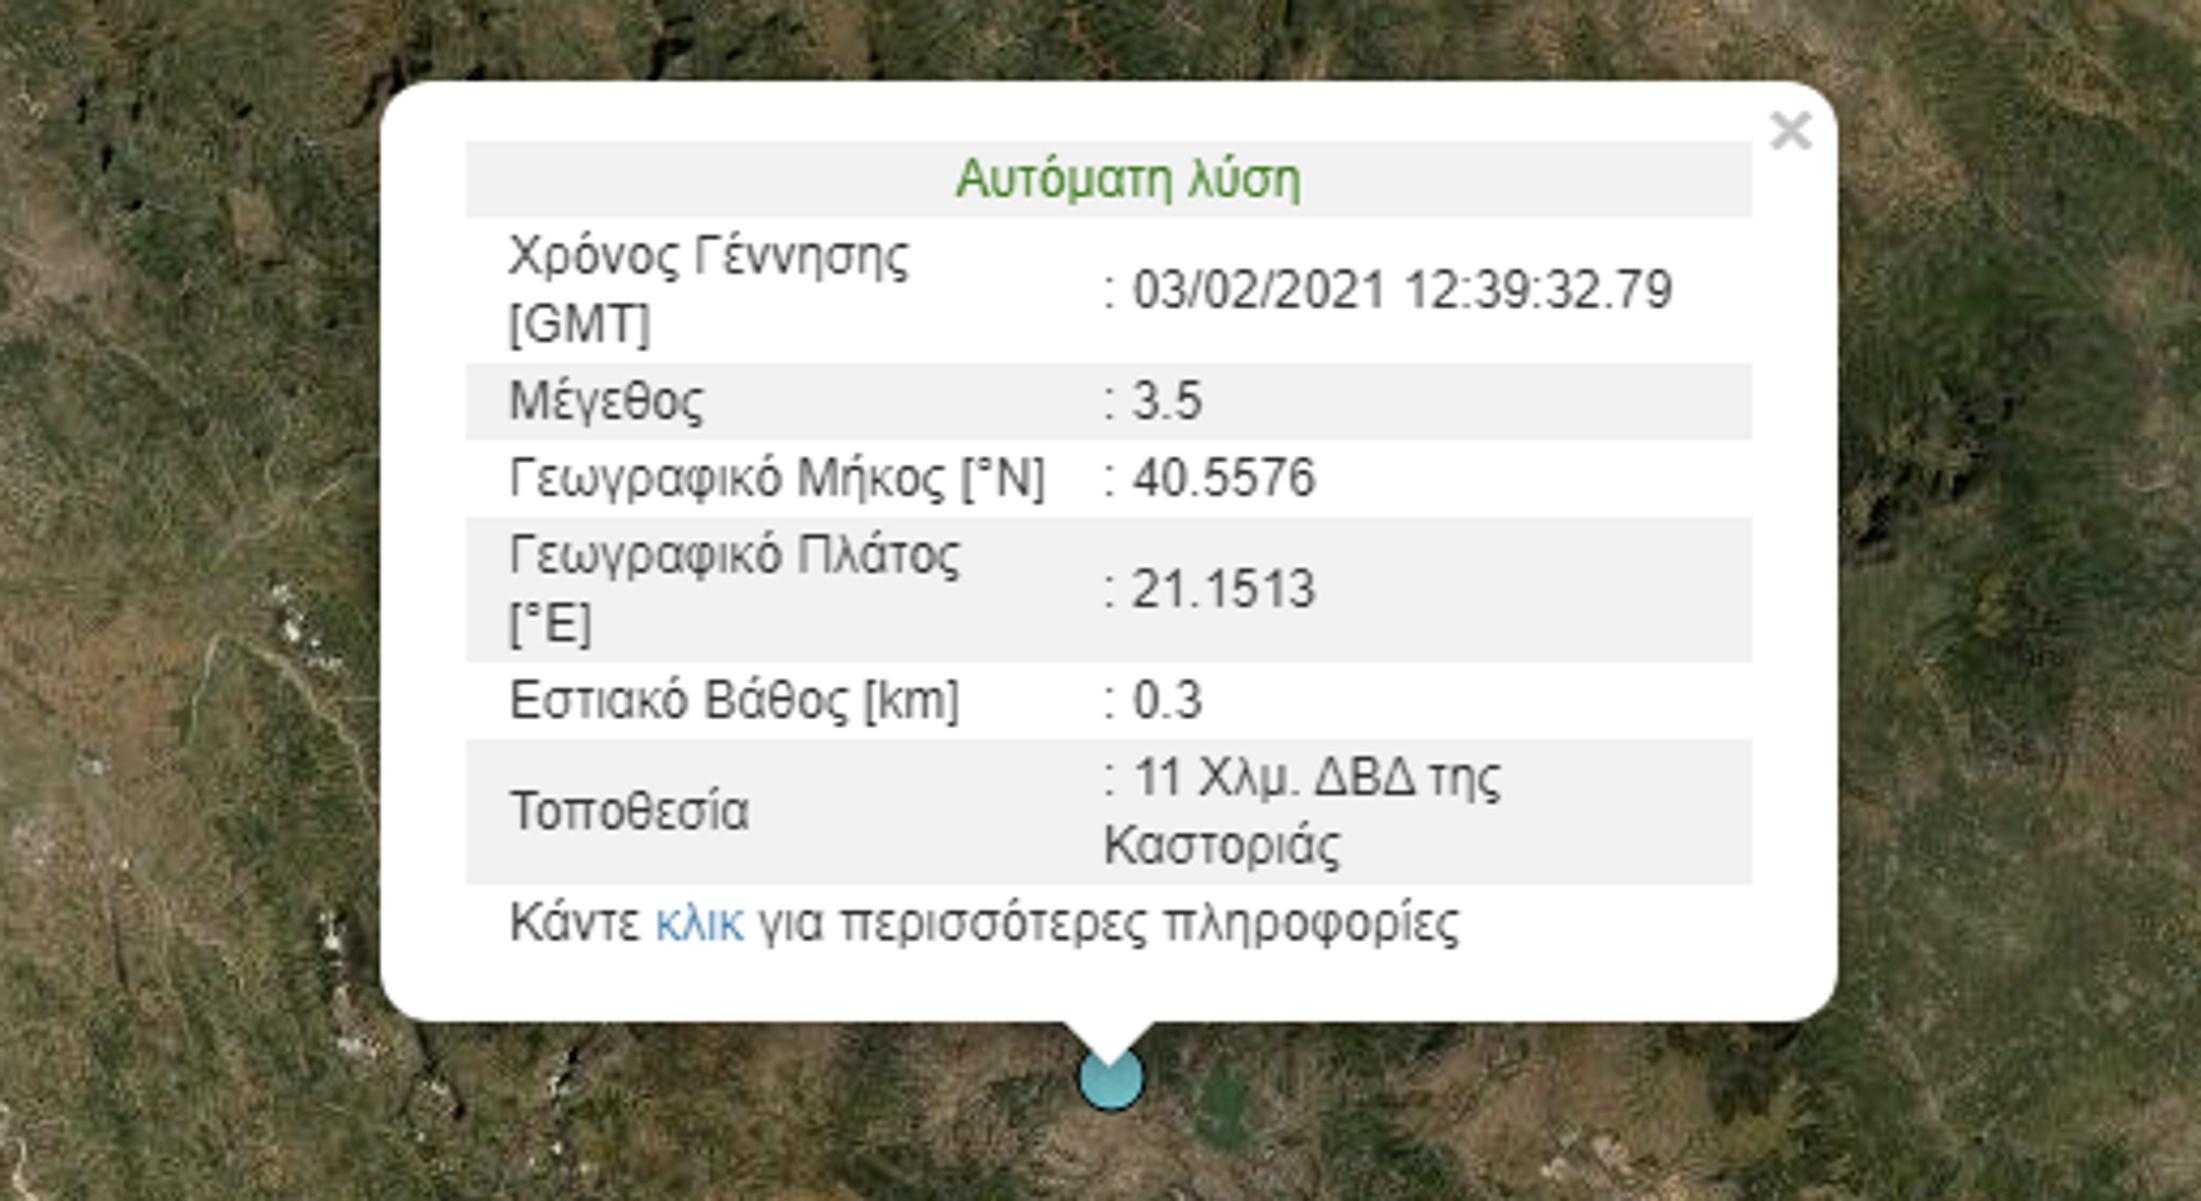 Σεισμός 3,5 Ρίχτερ στην Καστοριά